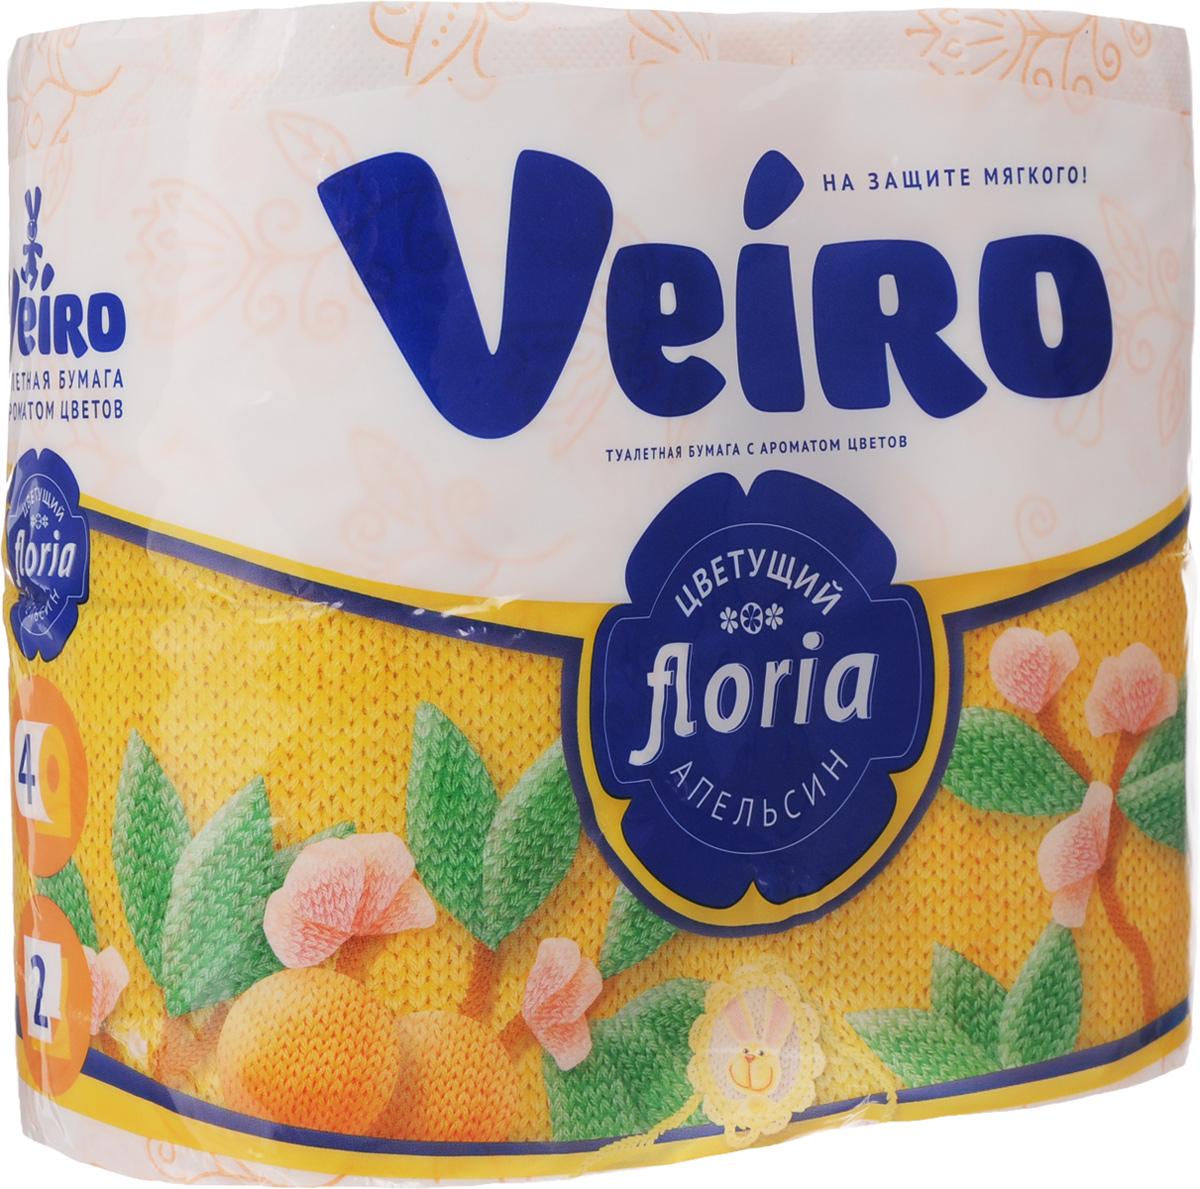 Бумага туалетная Veiro Floria. Цветущий апельсин, ароматизированная, двухслойная, 4 рулона391602Ароматизированная туалетная бумага Veiro Floria. Цветущий апельсин, выполненная из натуральной целлюлозы и обладает приятным ароматом цитруса. Двухслойная туалетная бумага мягкая, нежная, но в тоже время прочная, с отрывом по линии перфорации. Листы имеют рисунок с тиснением.Длина рулона: 21,9 м. Количество слоев: 2.Размер листа: 12,5 х 9,6 см. Состав: 100% целлюлоза.